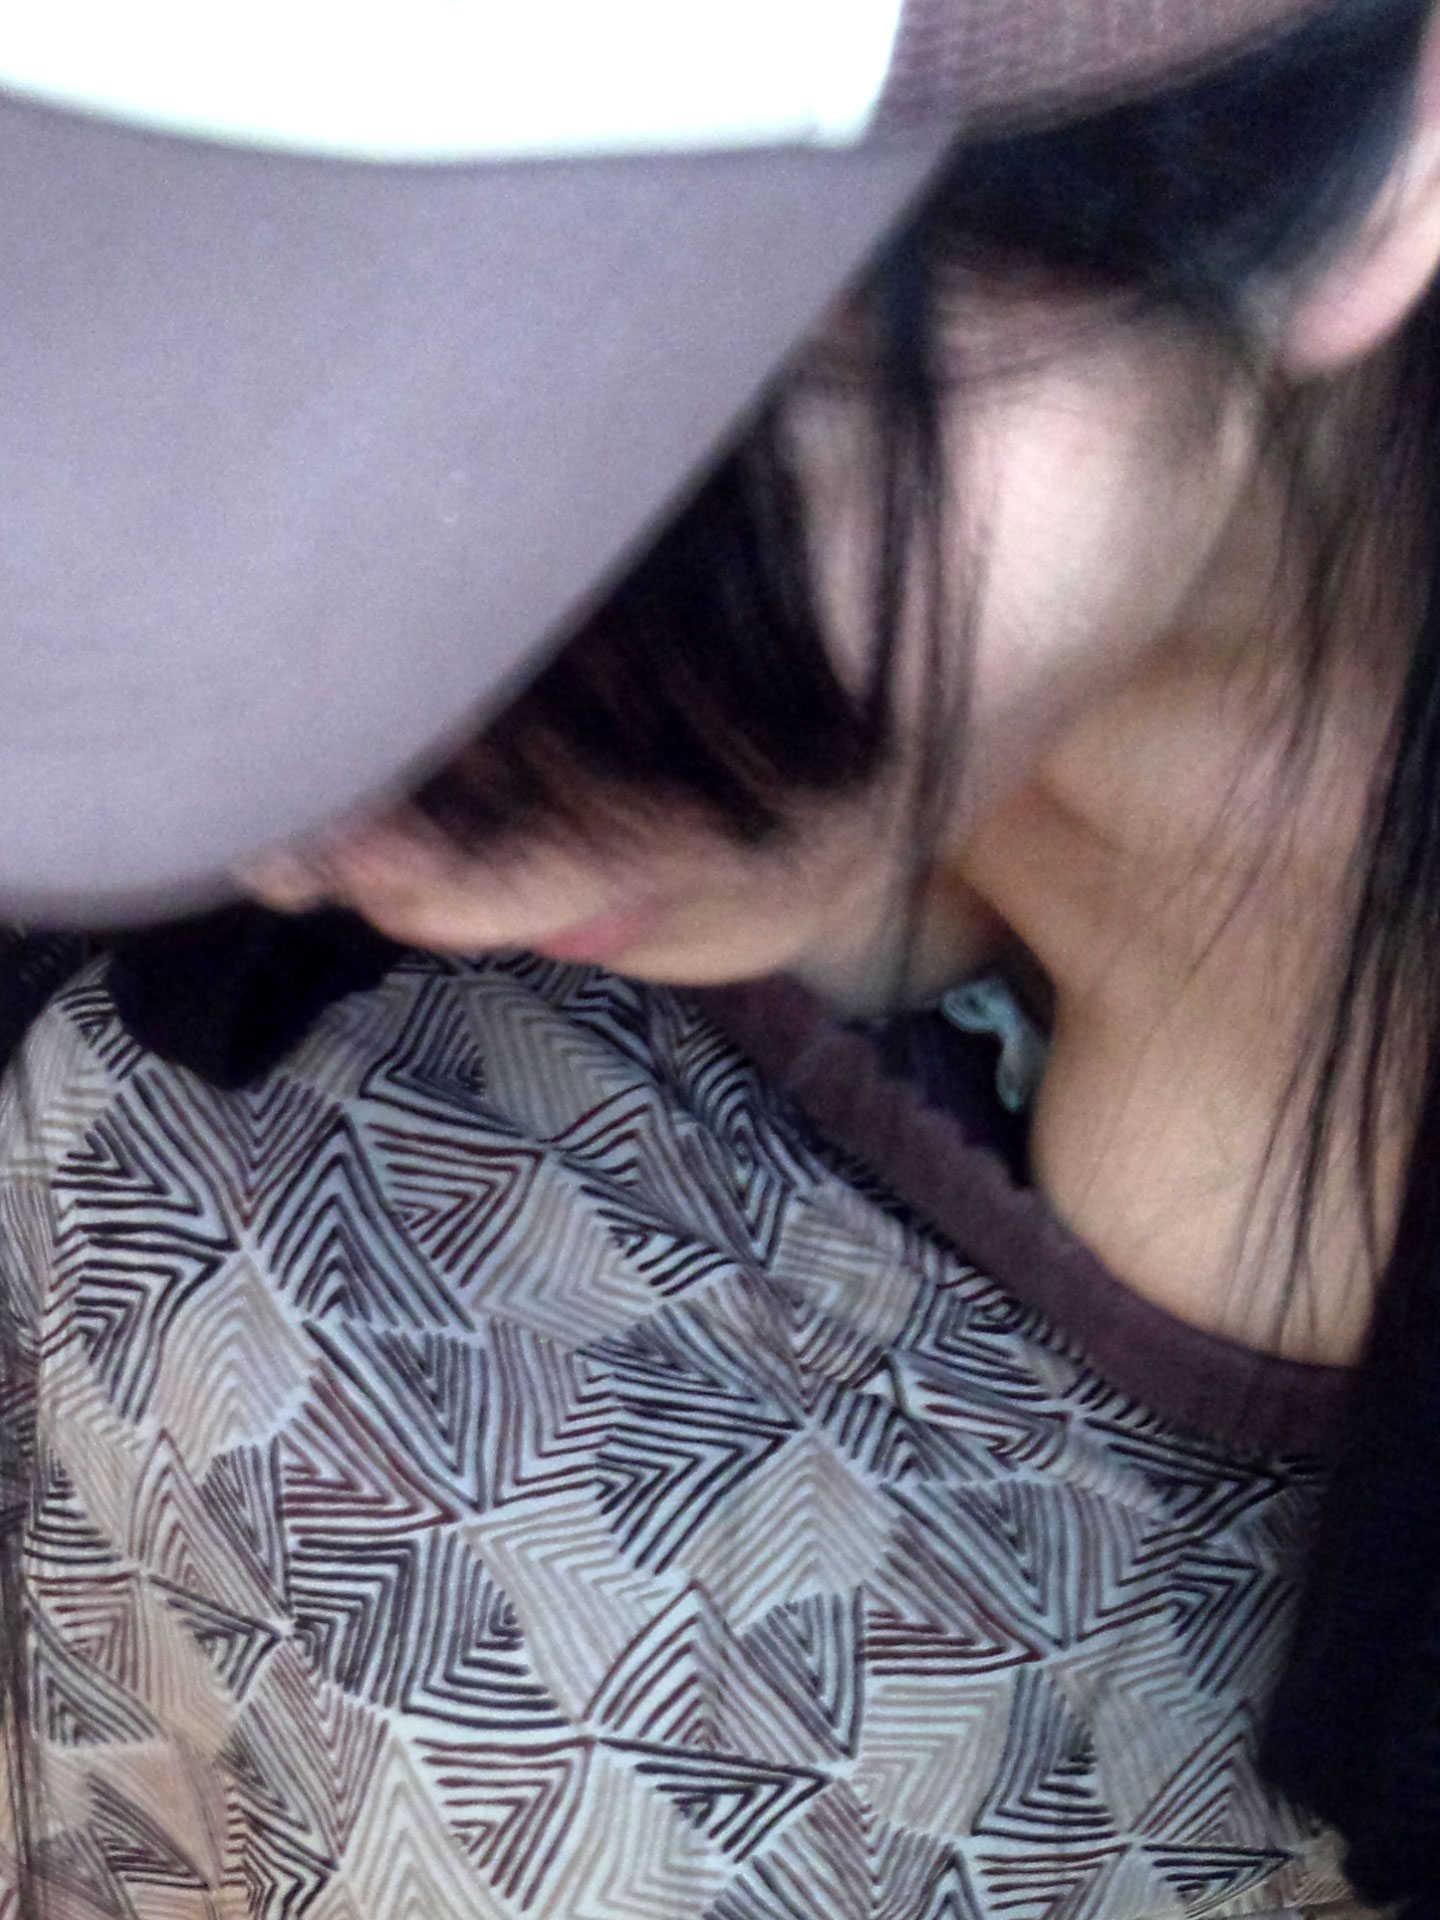 【胸チラエロ画像】粘ってれば先っちょ見えちゃう!?気になる胸元を見せるお姉さん達www 11